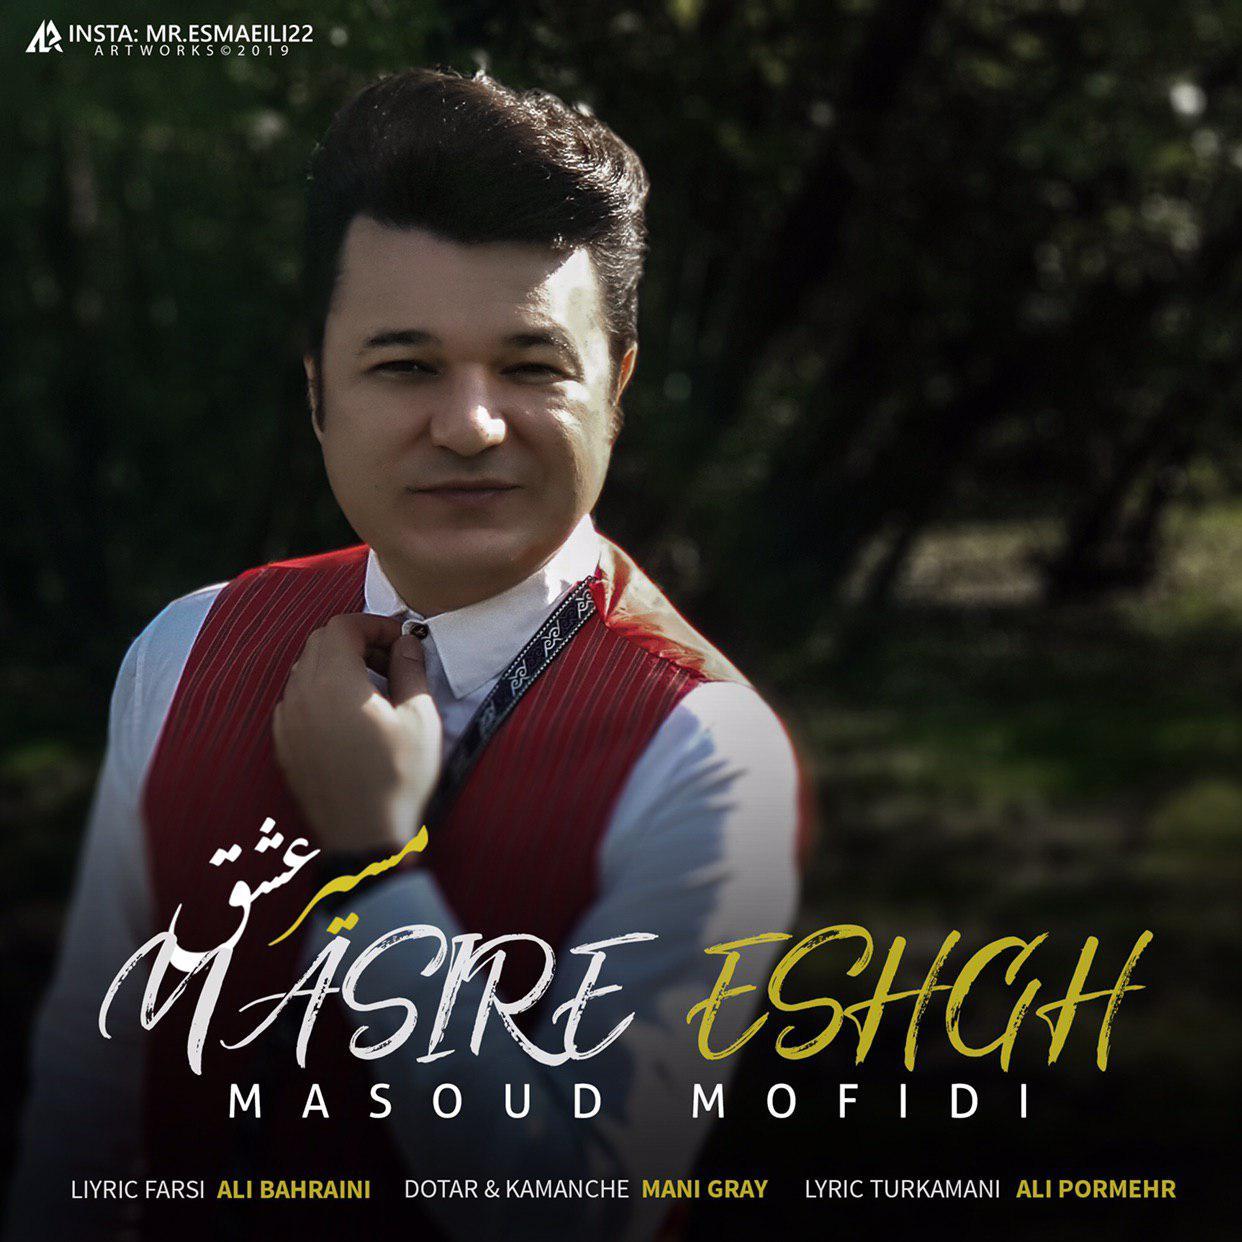 دانلود ترانه جدید مسعود مفیدی با عنوان